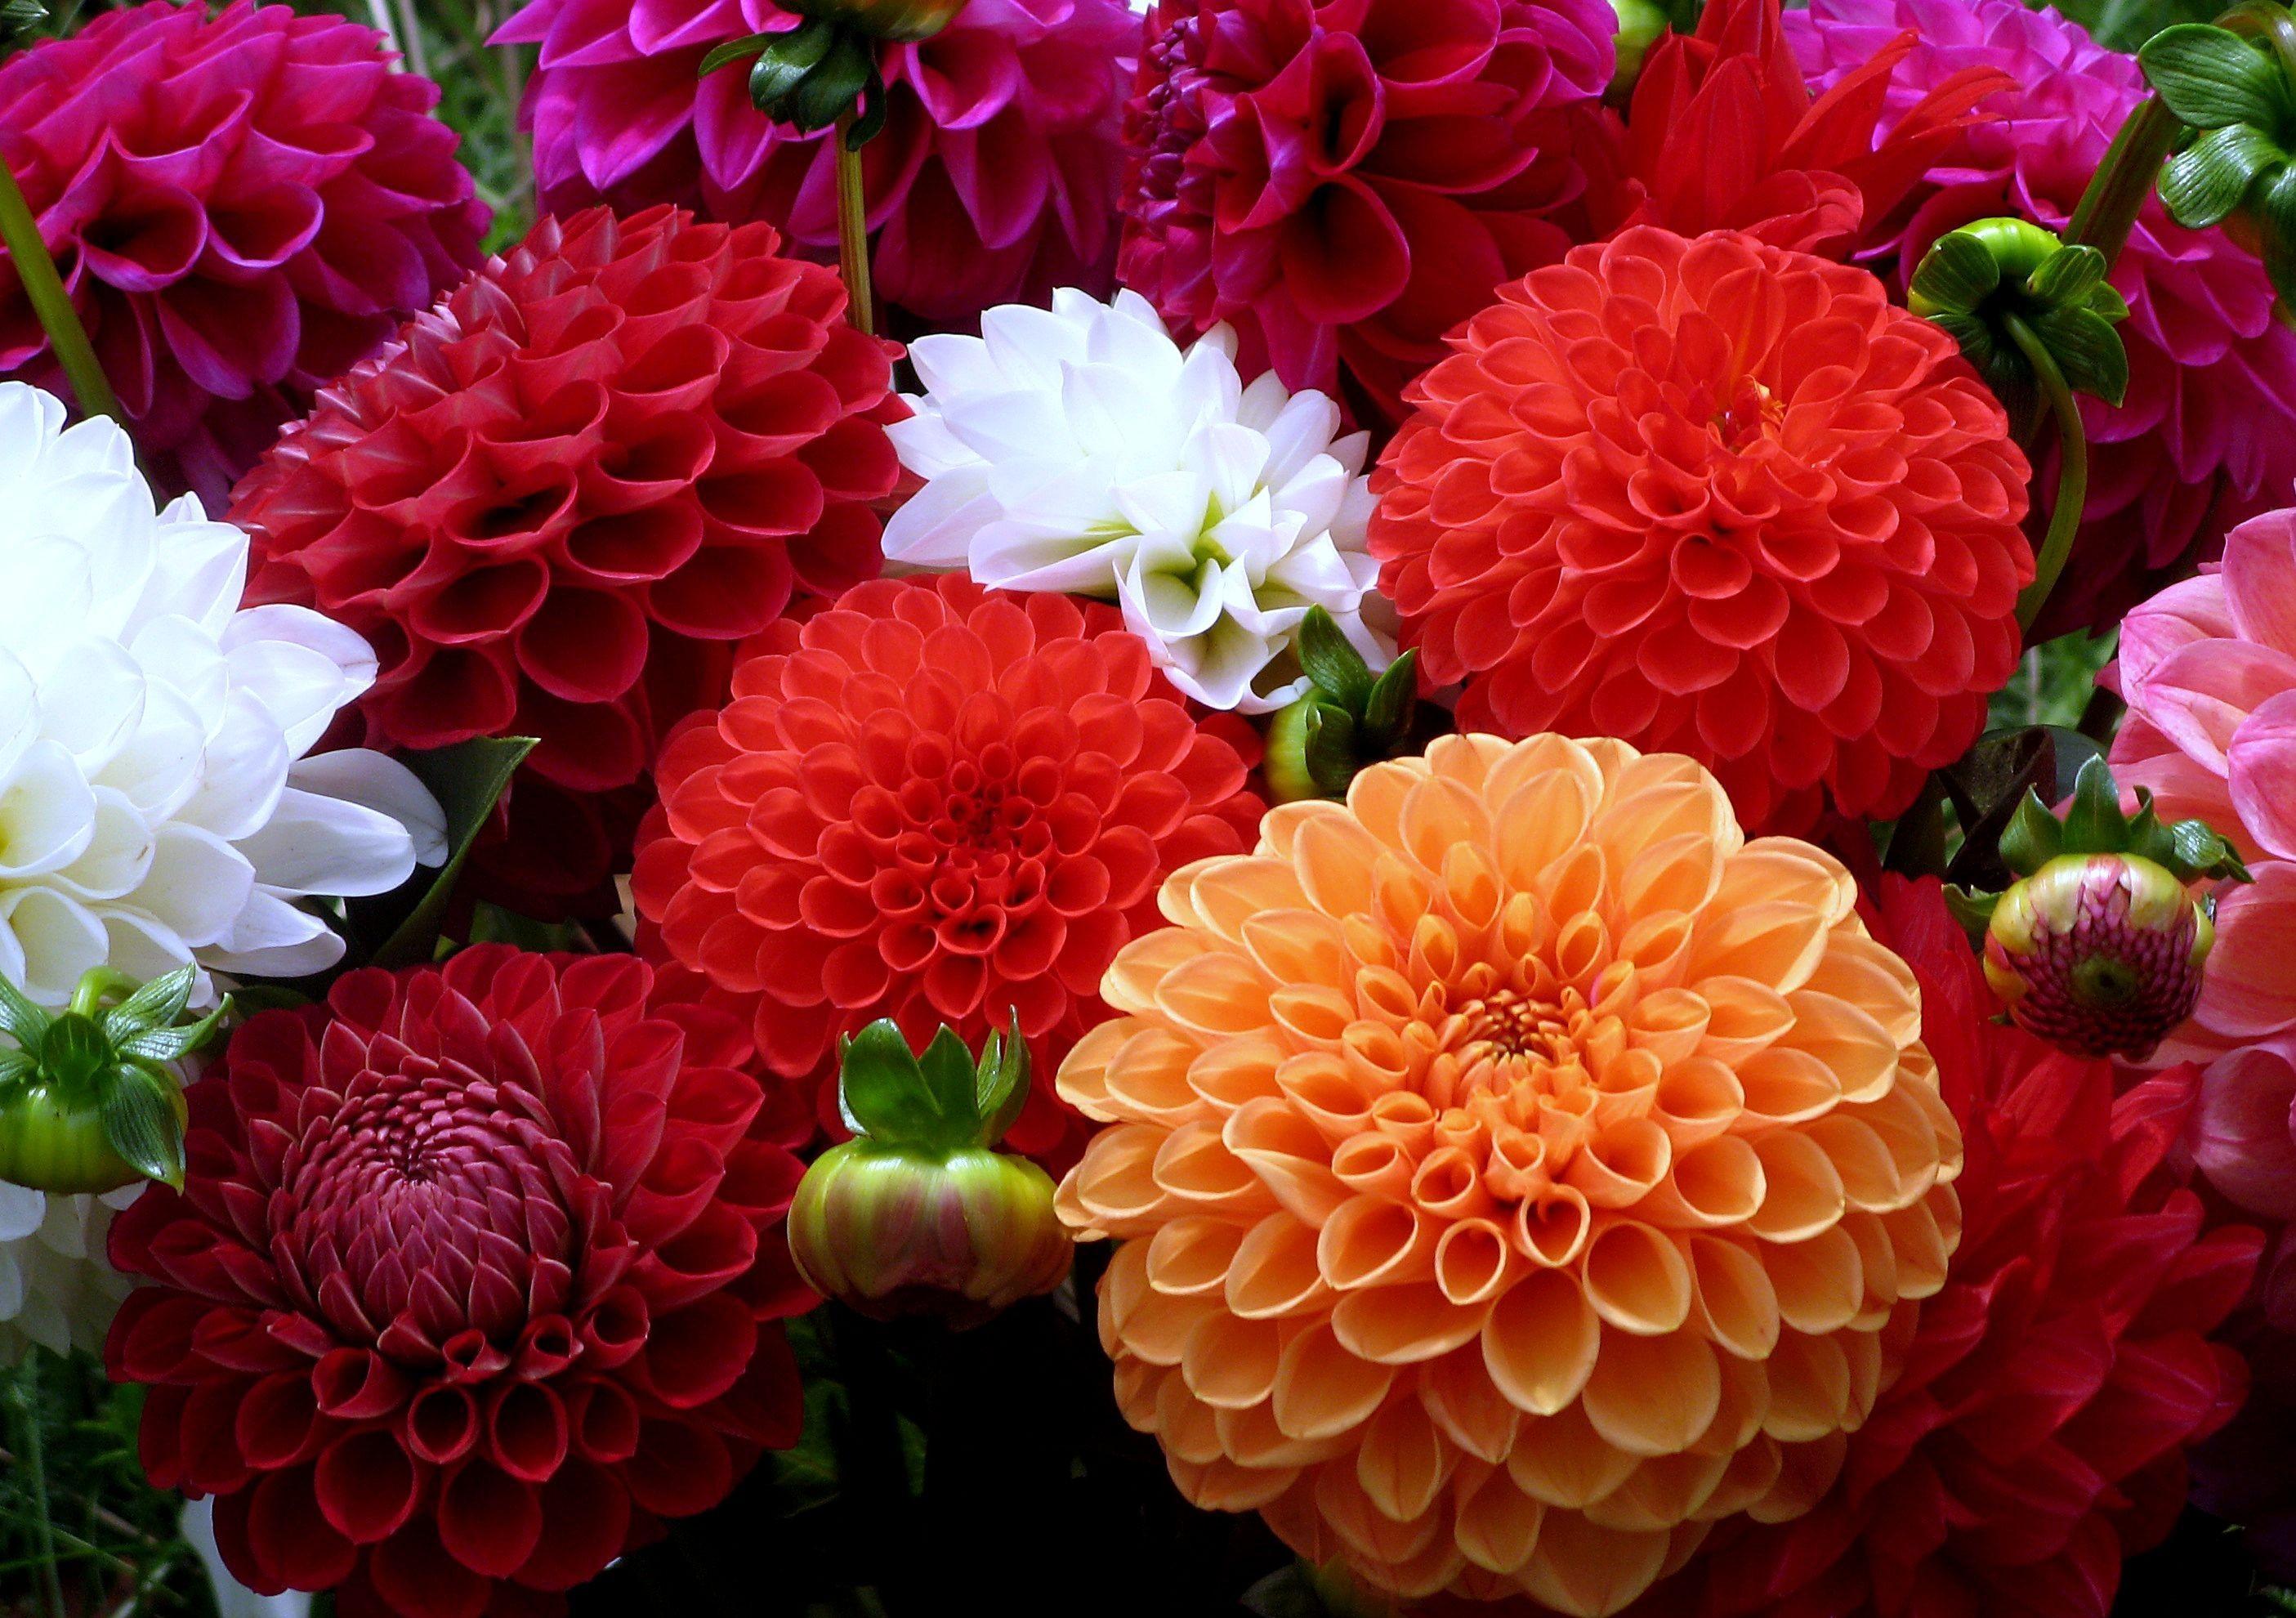 dahlias_flowers_bouquet_close-up_43504_2810x1980.jpg